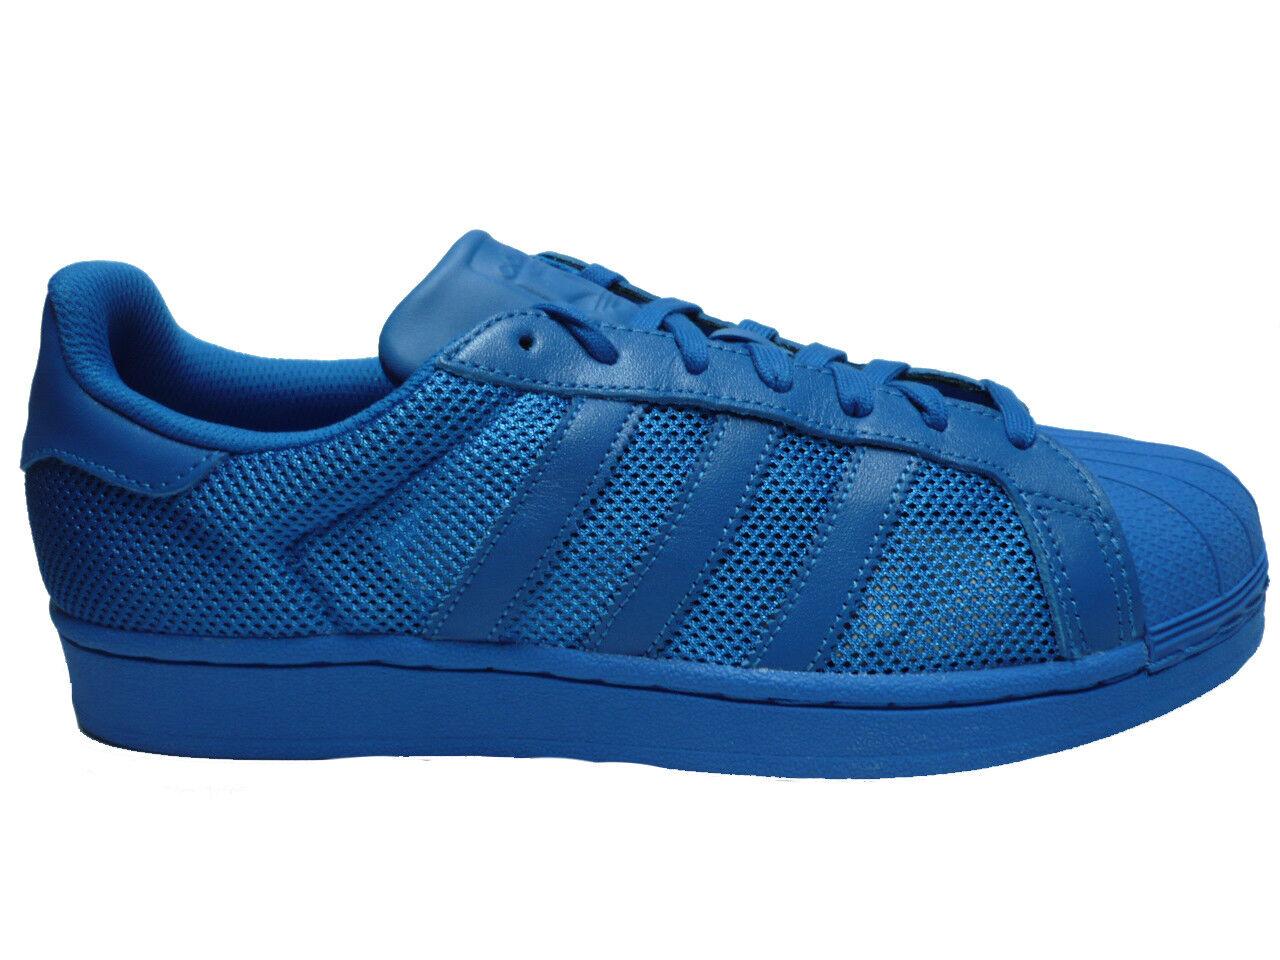 ADIDAS ORIGINALS superstar de retro zapatillas casual zapatillas de superstar deporte azul 27a615